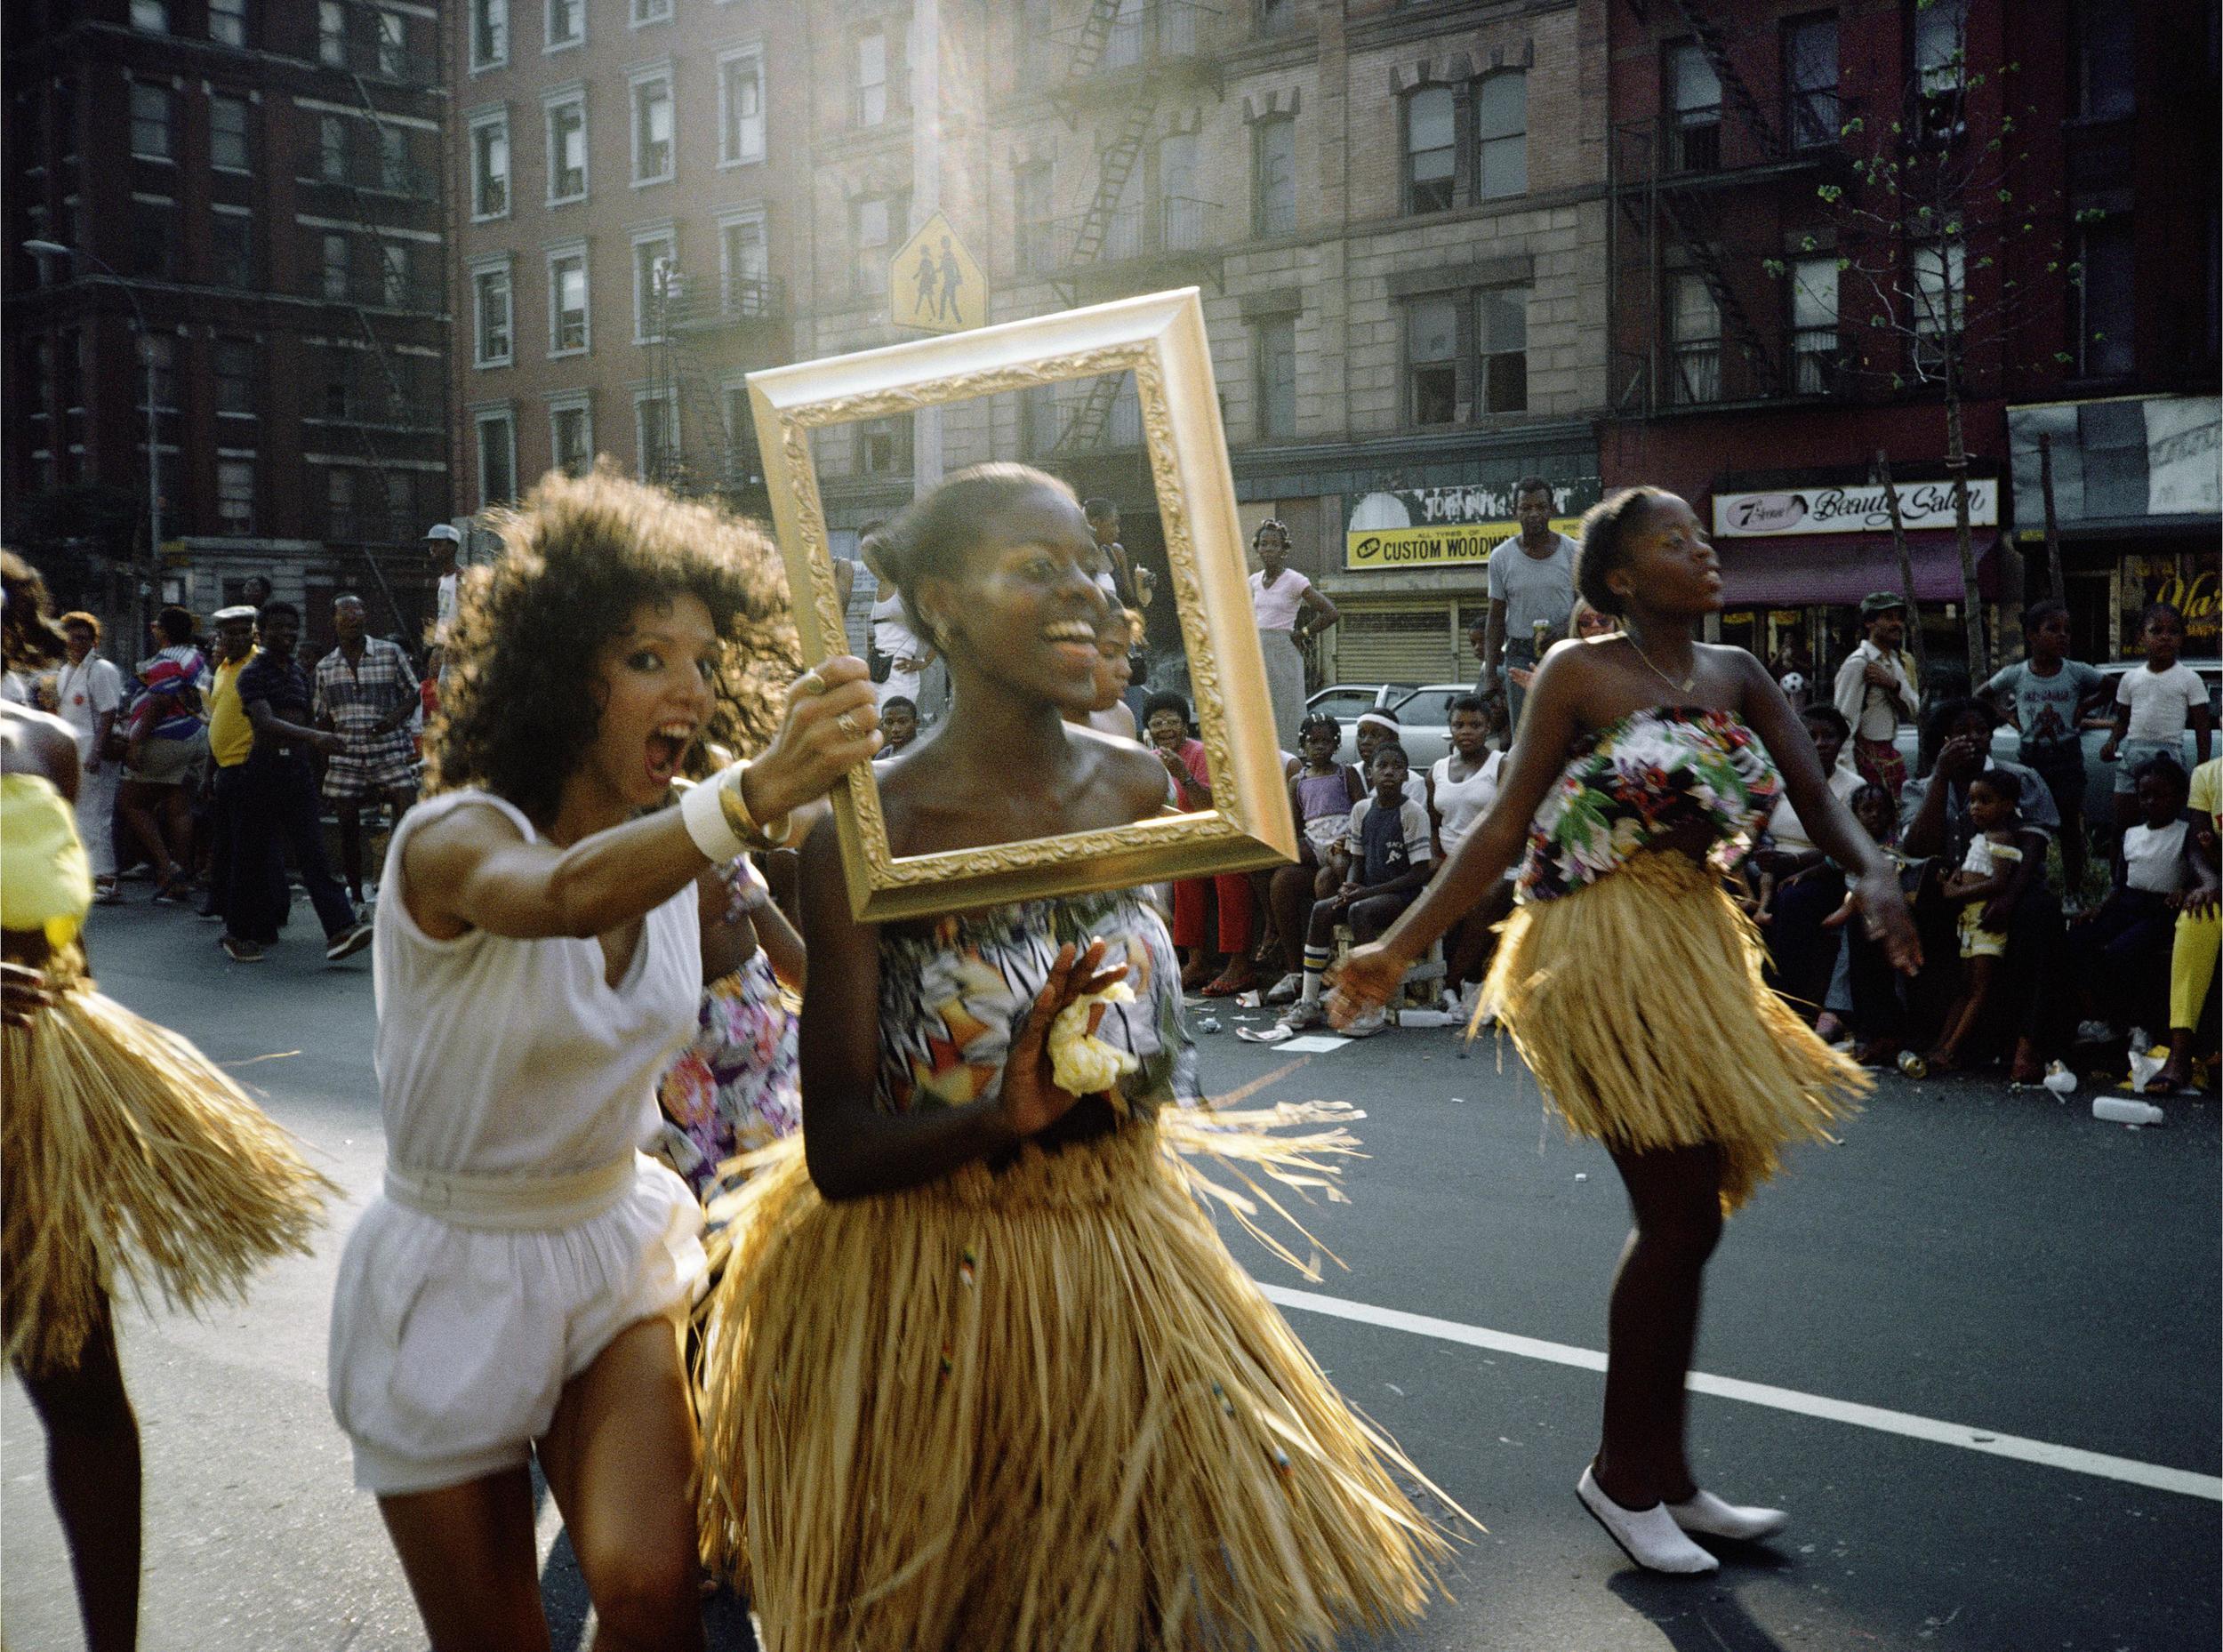 OGrady_Dancer_Grass_Skirts_1983_20093.jpg